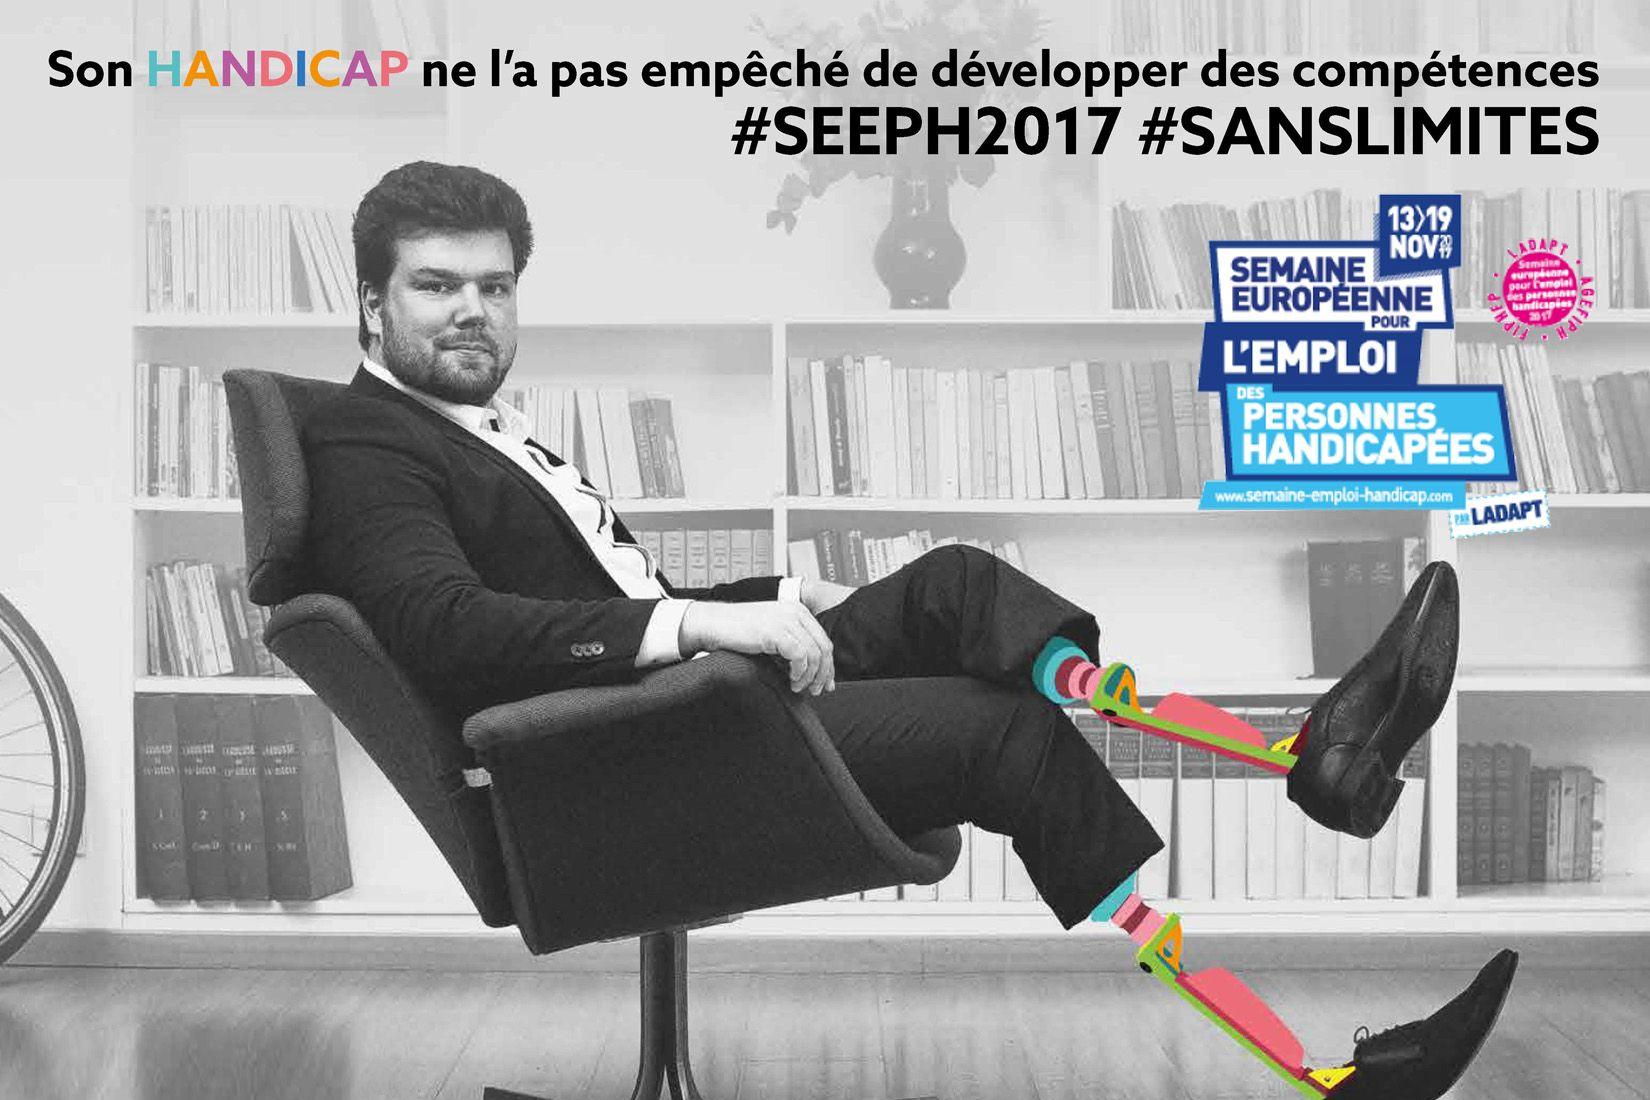 Affiche de la semaine européenne pour l'emploi des personnes handicapées